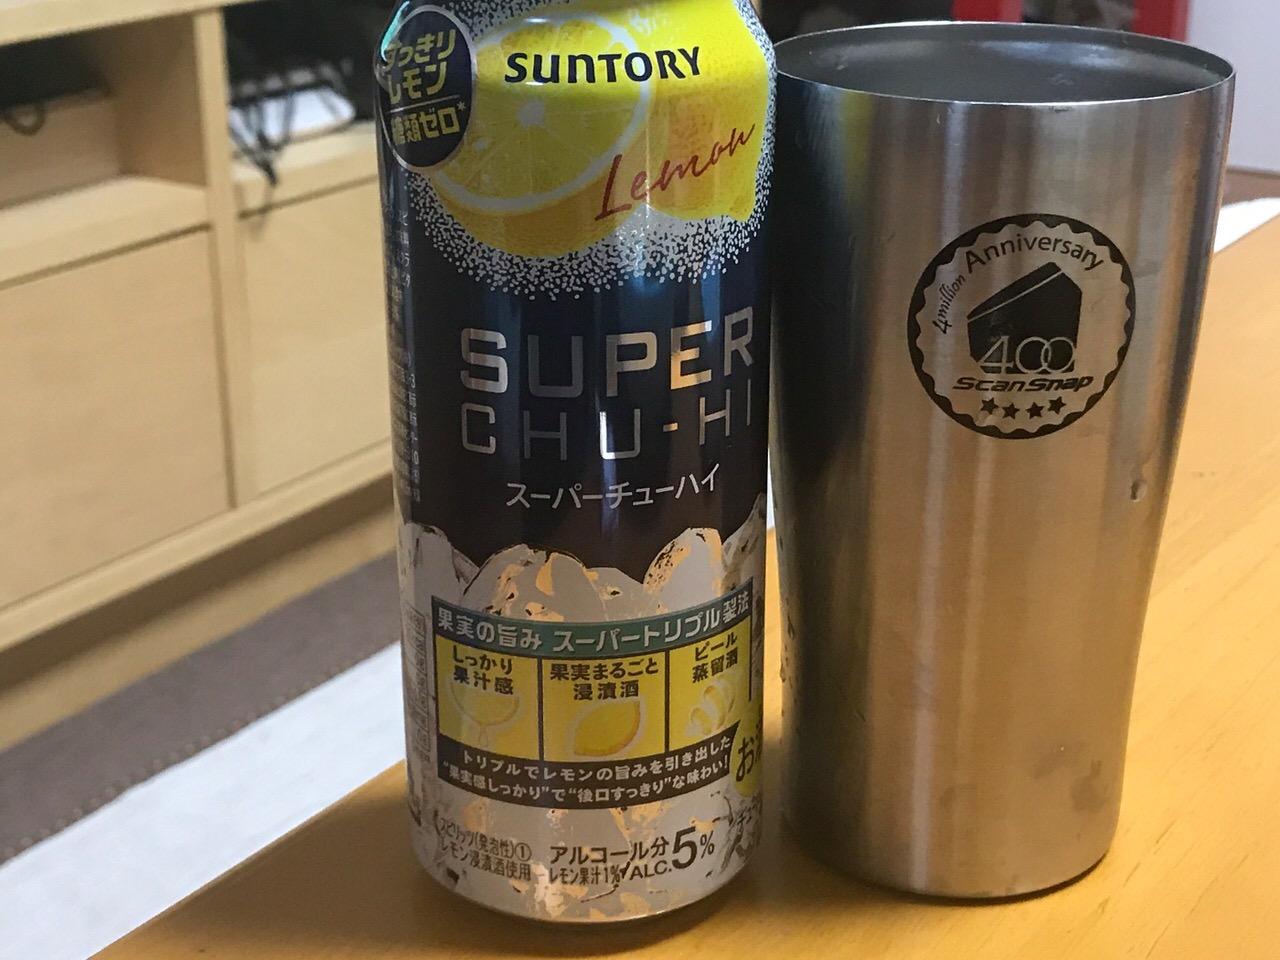 「サントリースーパーチューハイ〈すっきりレモン〉」5%・糖類ゼロ